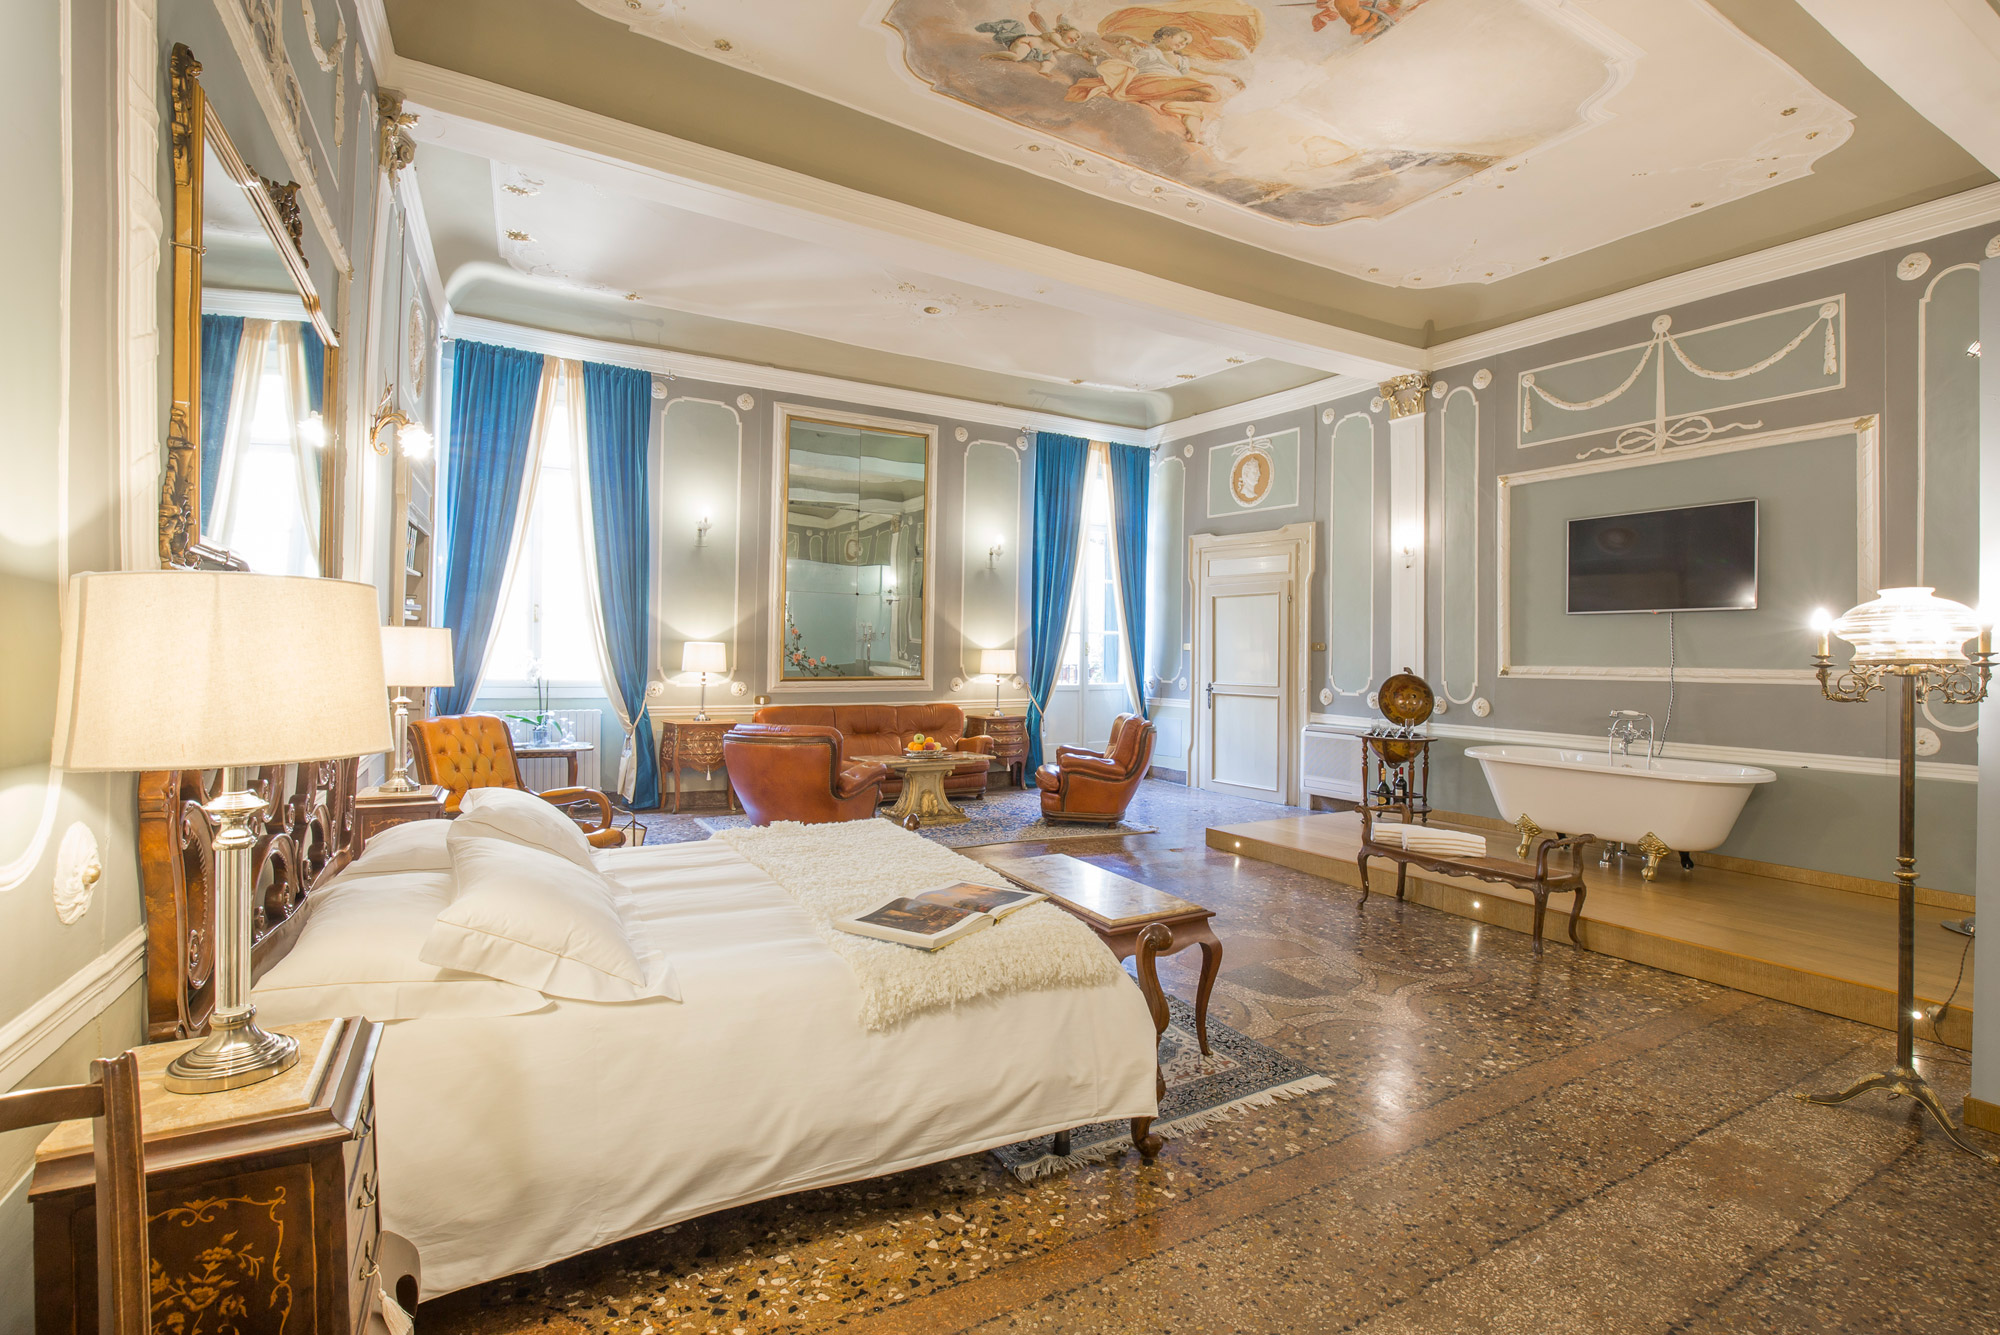 Chambre spacieuse avec baignoire type charleston face au lit sur estrade en bois, agrémentée d'une peinture italienne au plafond